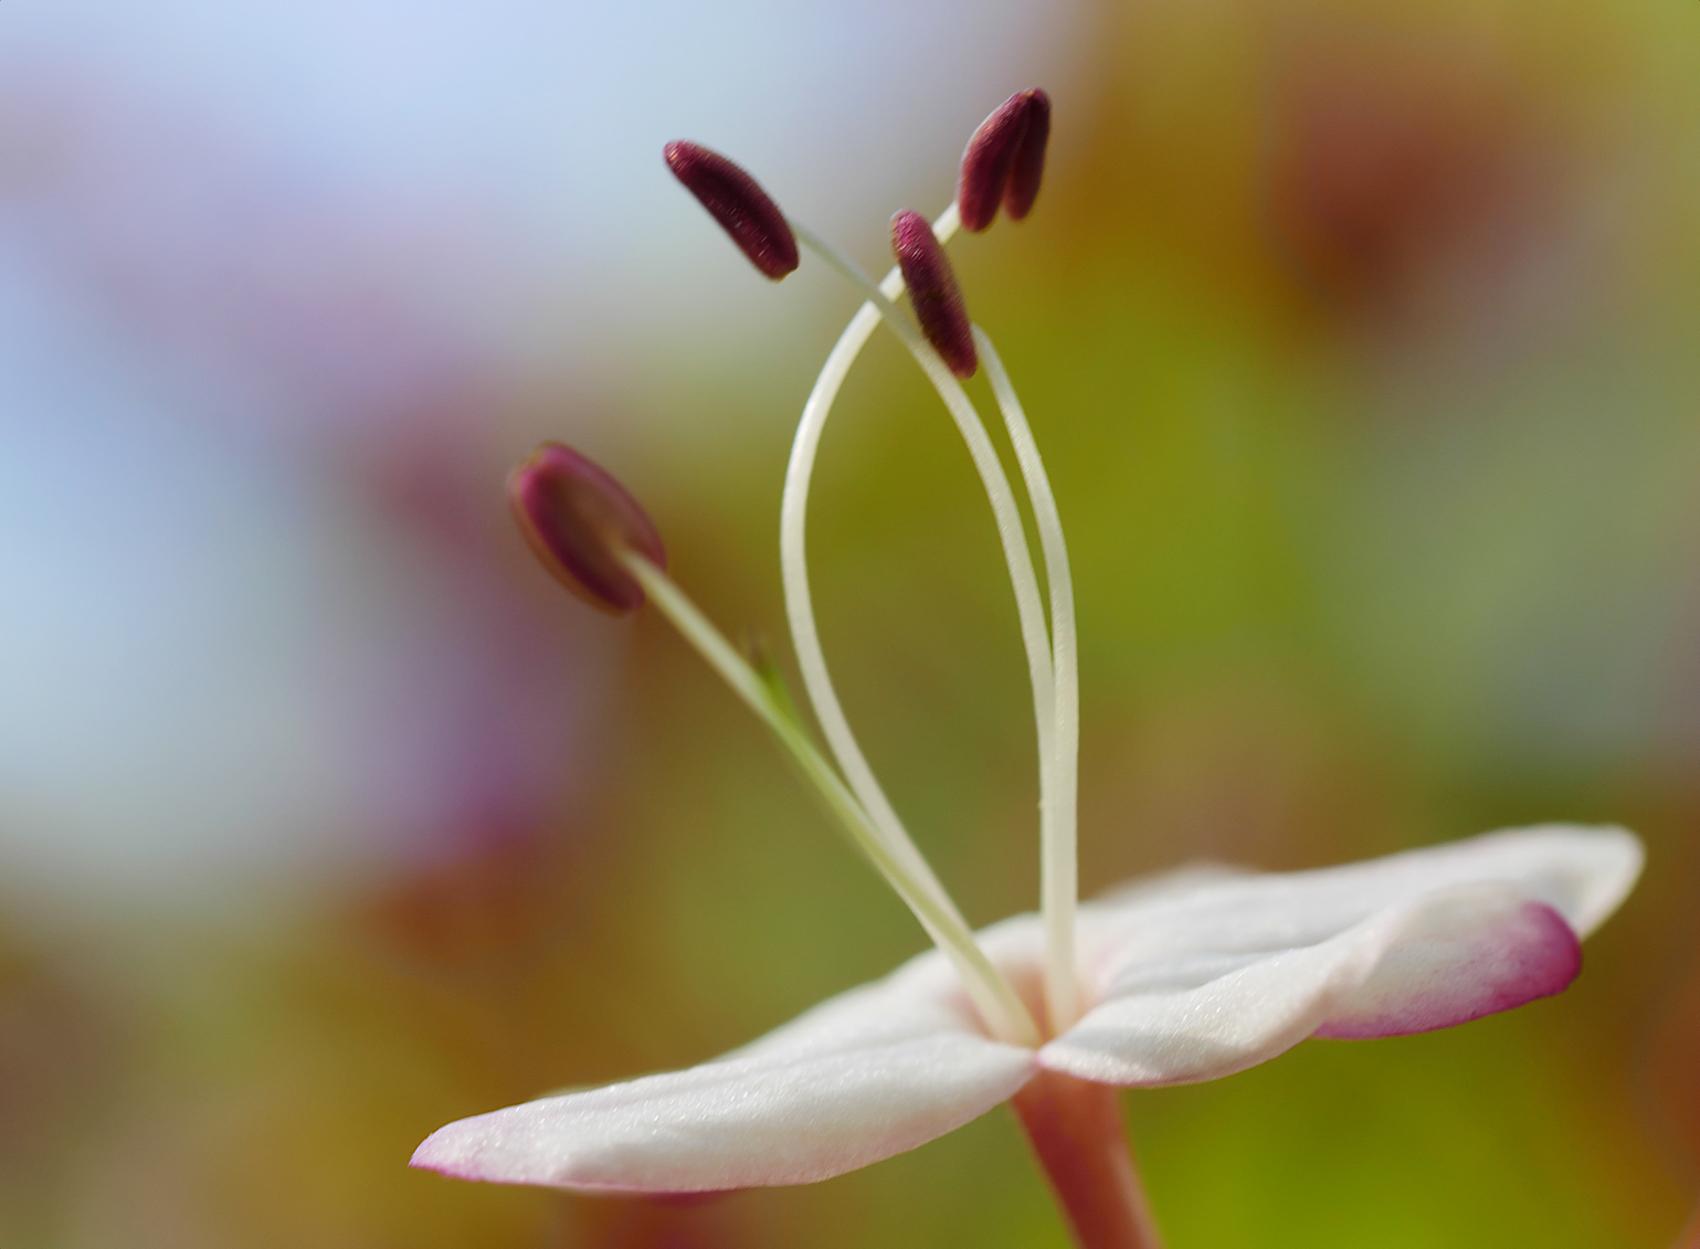 Japanischer Losbaum02 (Clerodendrum trichotomum)